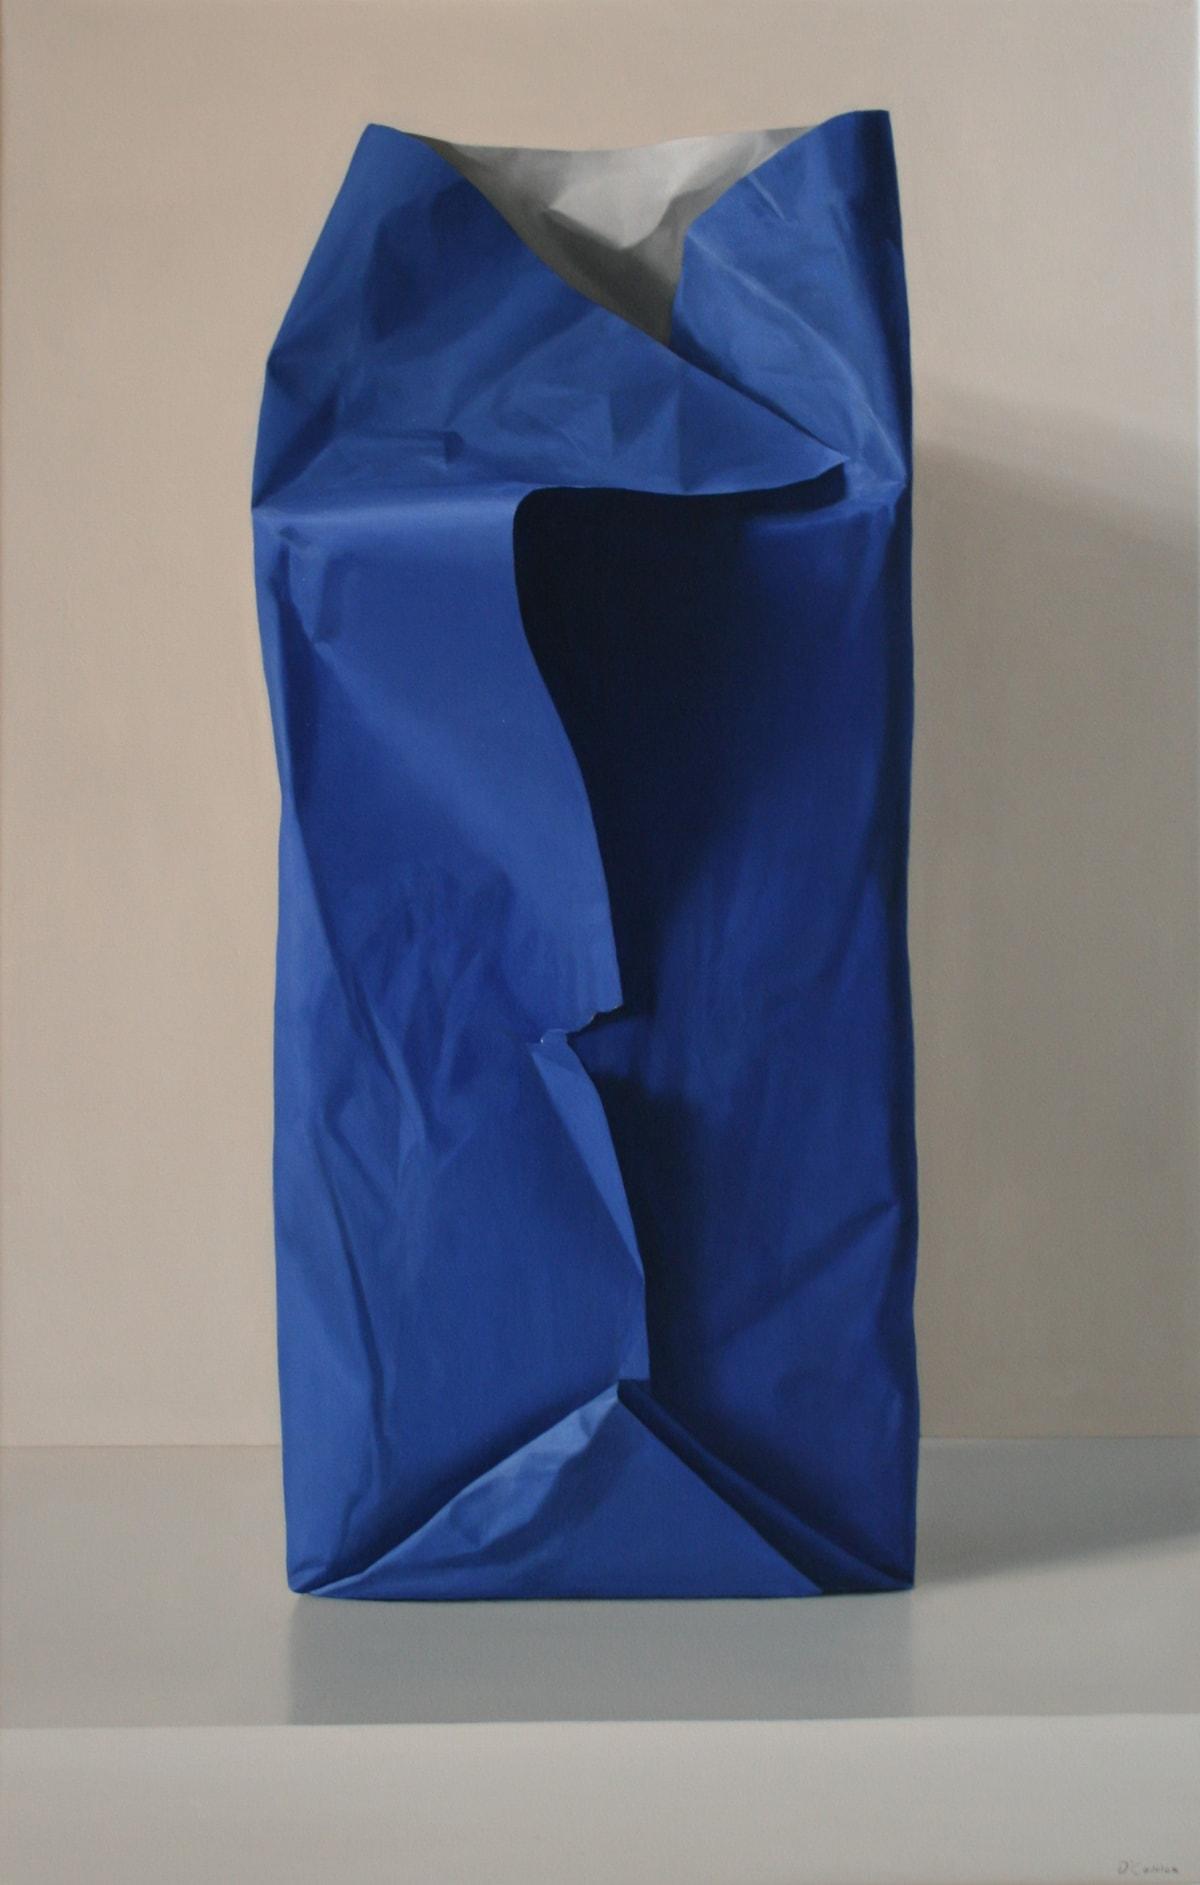 Fernando O'Connor Blue Bag oil on canvas 110 x 70 cm